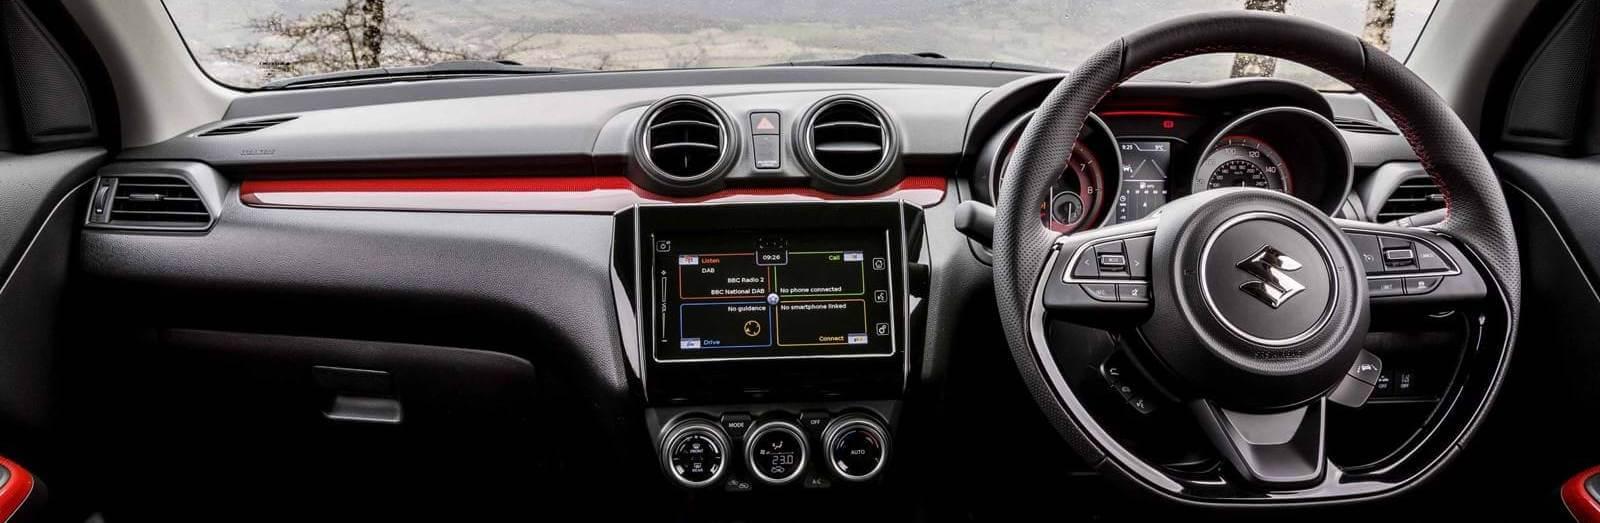 Suzuki Sport Swift Interior Dashboard